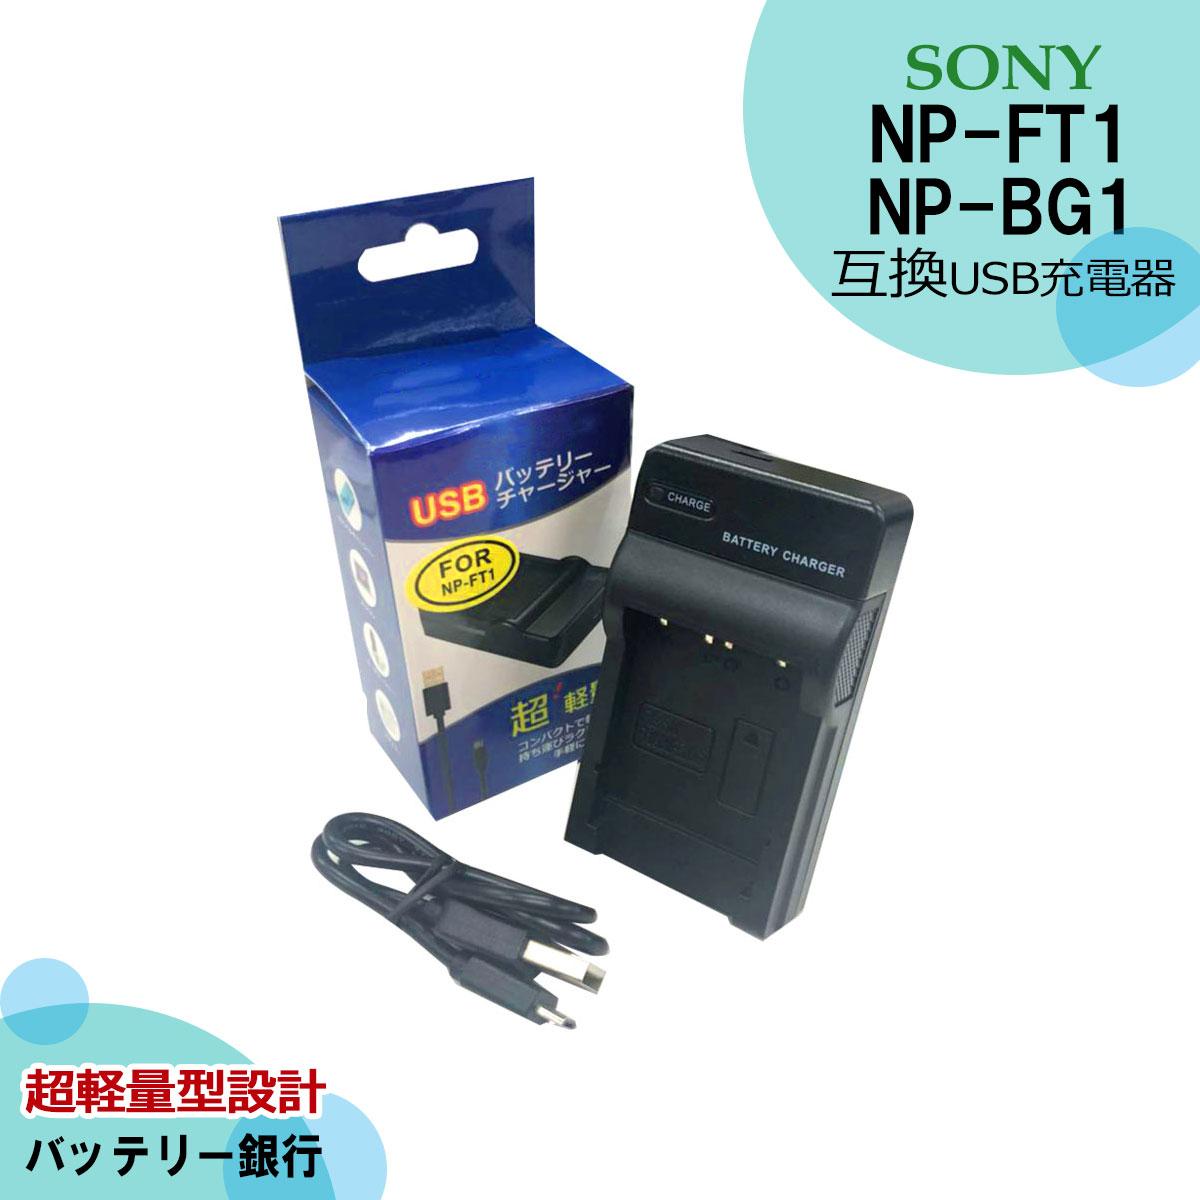 カメラ・ビデオカメラ・光学機器用アクセサリー, 電源・充電器 SONY NP-BG1 USB NP-FE1 NP-FR1 NP-FT1DSC-HX30VCyberShot N SeriesDSC-N1 DSC-N2CyberShot T SeriesDSC-T100 DSC-T20CyberShot W SeriesDSC-W30 DSC-W35